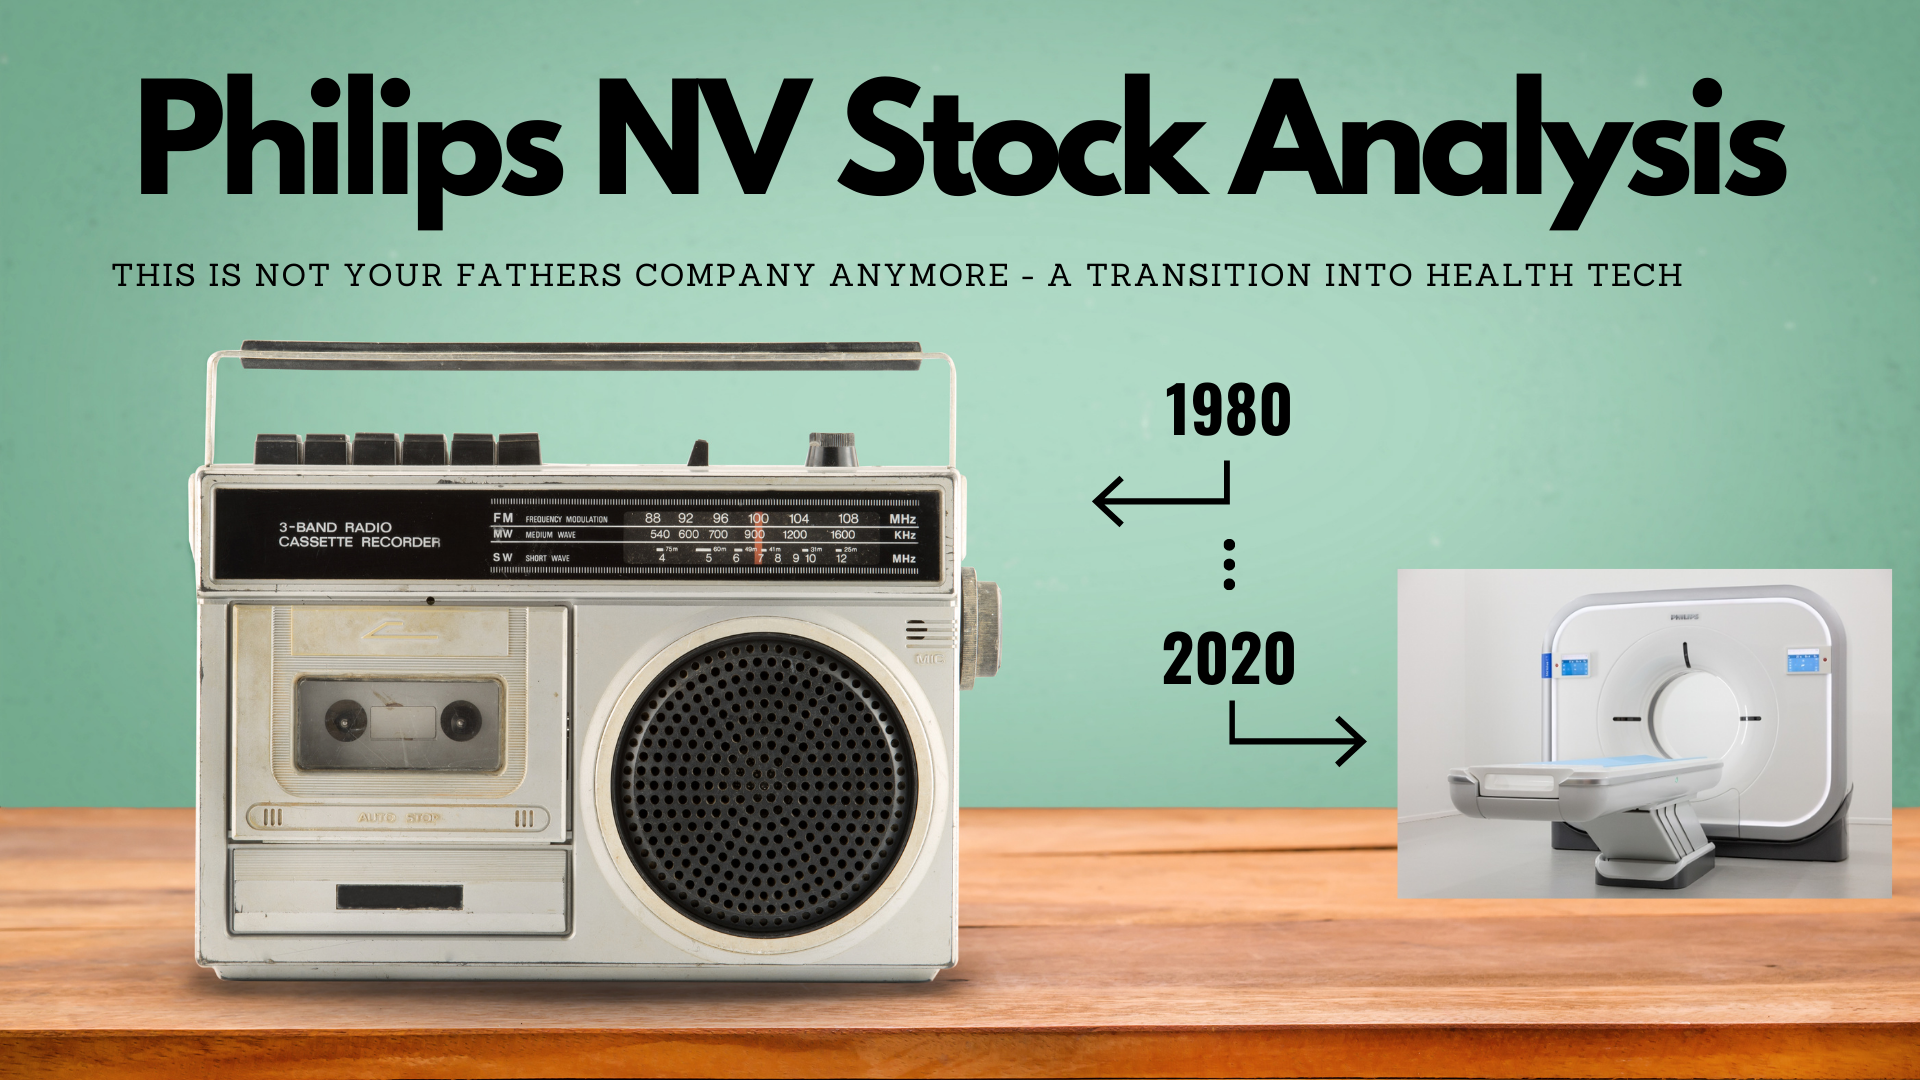 Philips Stock Analysis